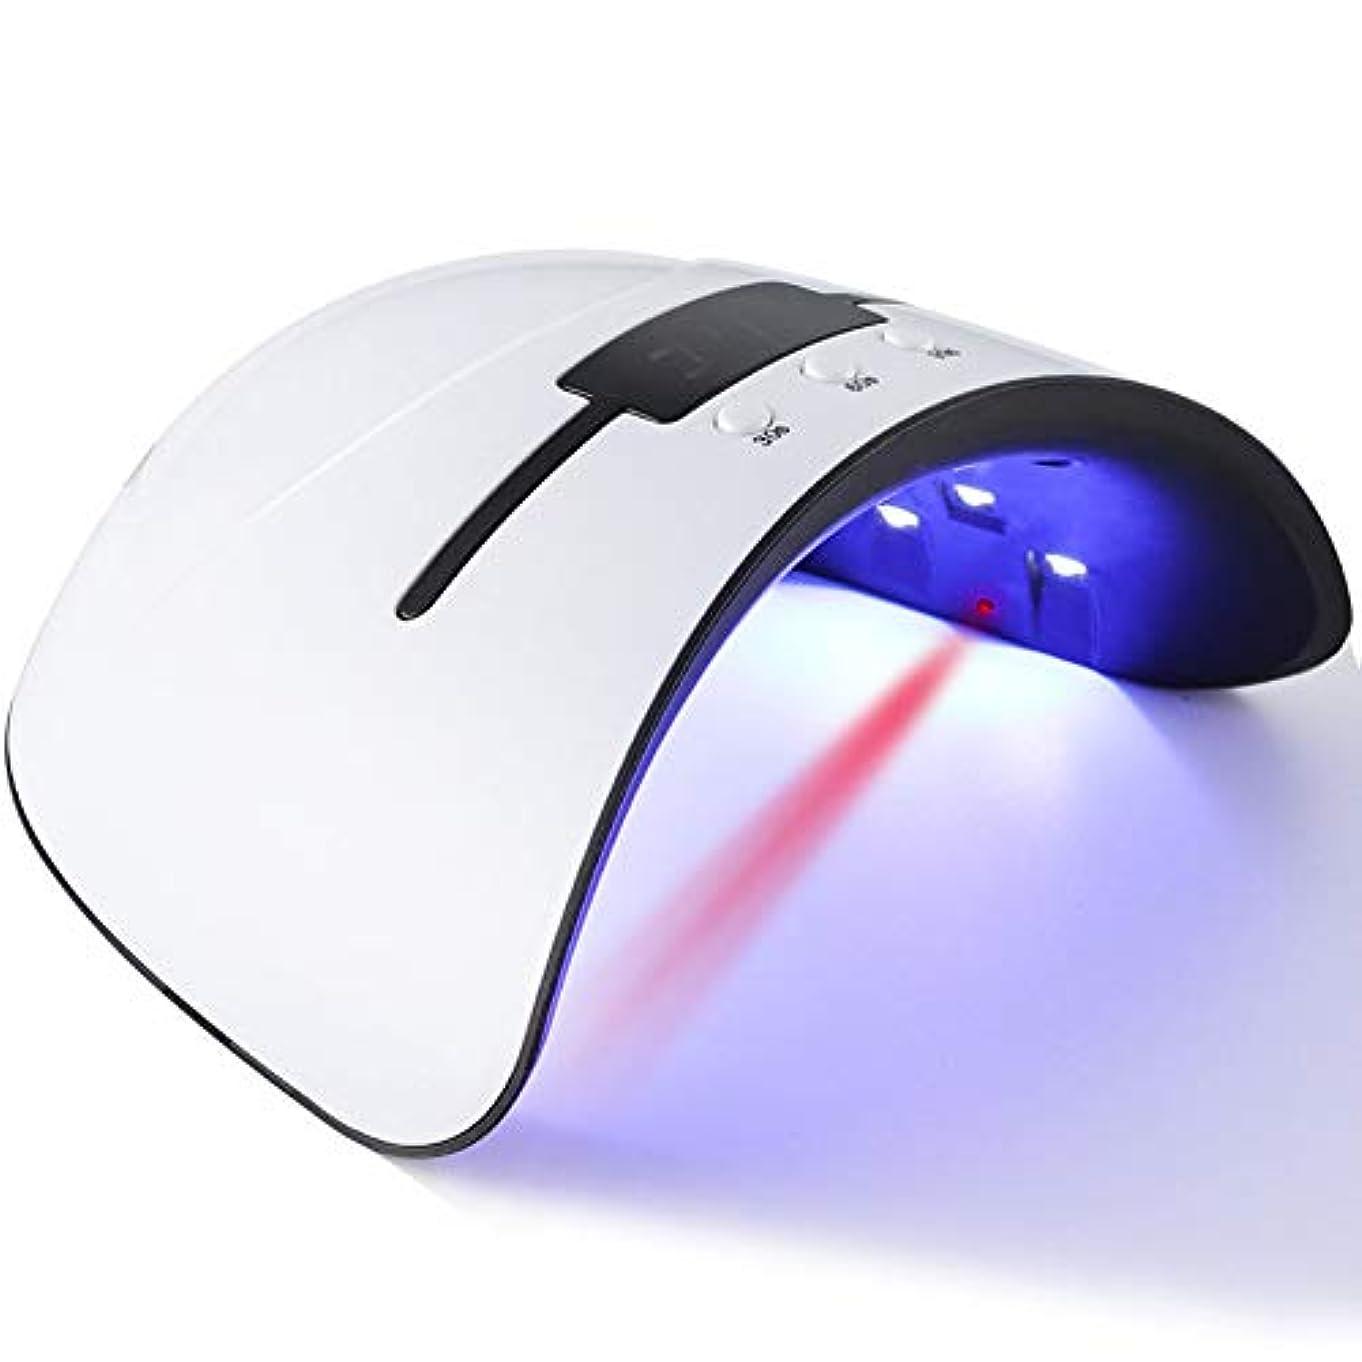 マニアックラショナル大騒ぎ硬化ライト ネイルlight ジェルネイル LED ネイルドライヤー 日本語説明書付属 36W 無痛硬化 赤外線検知